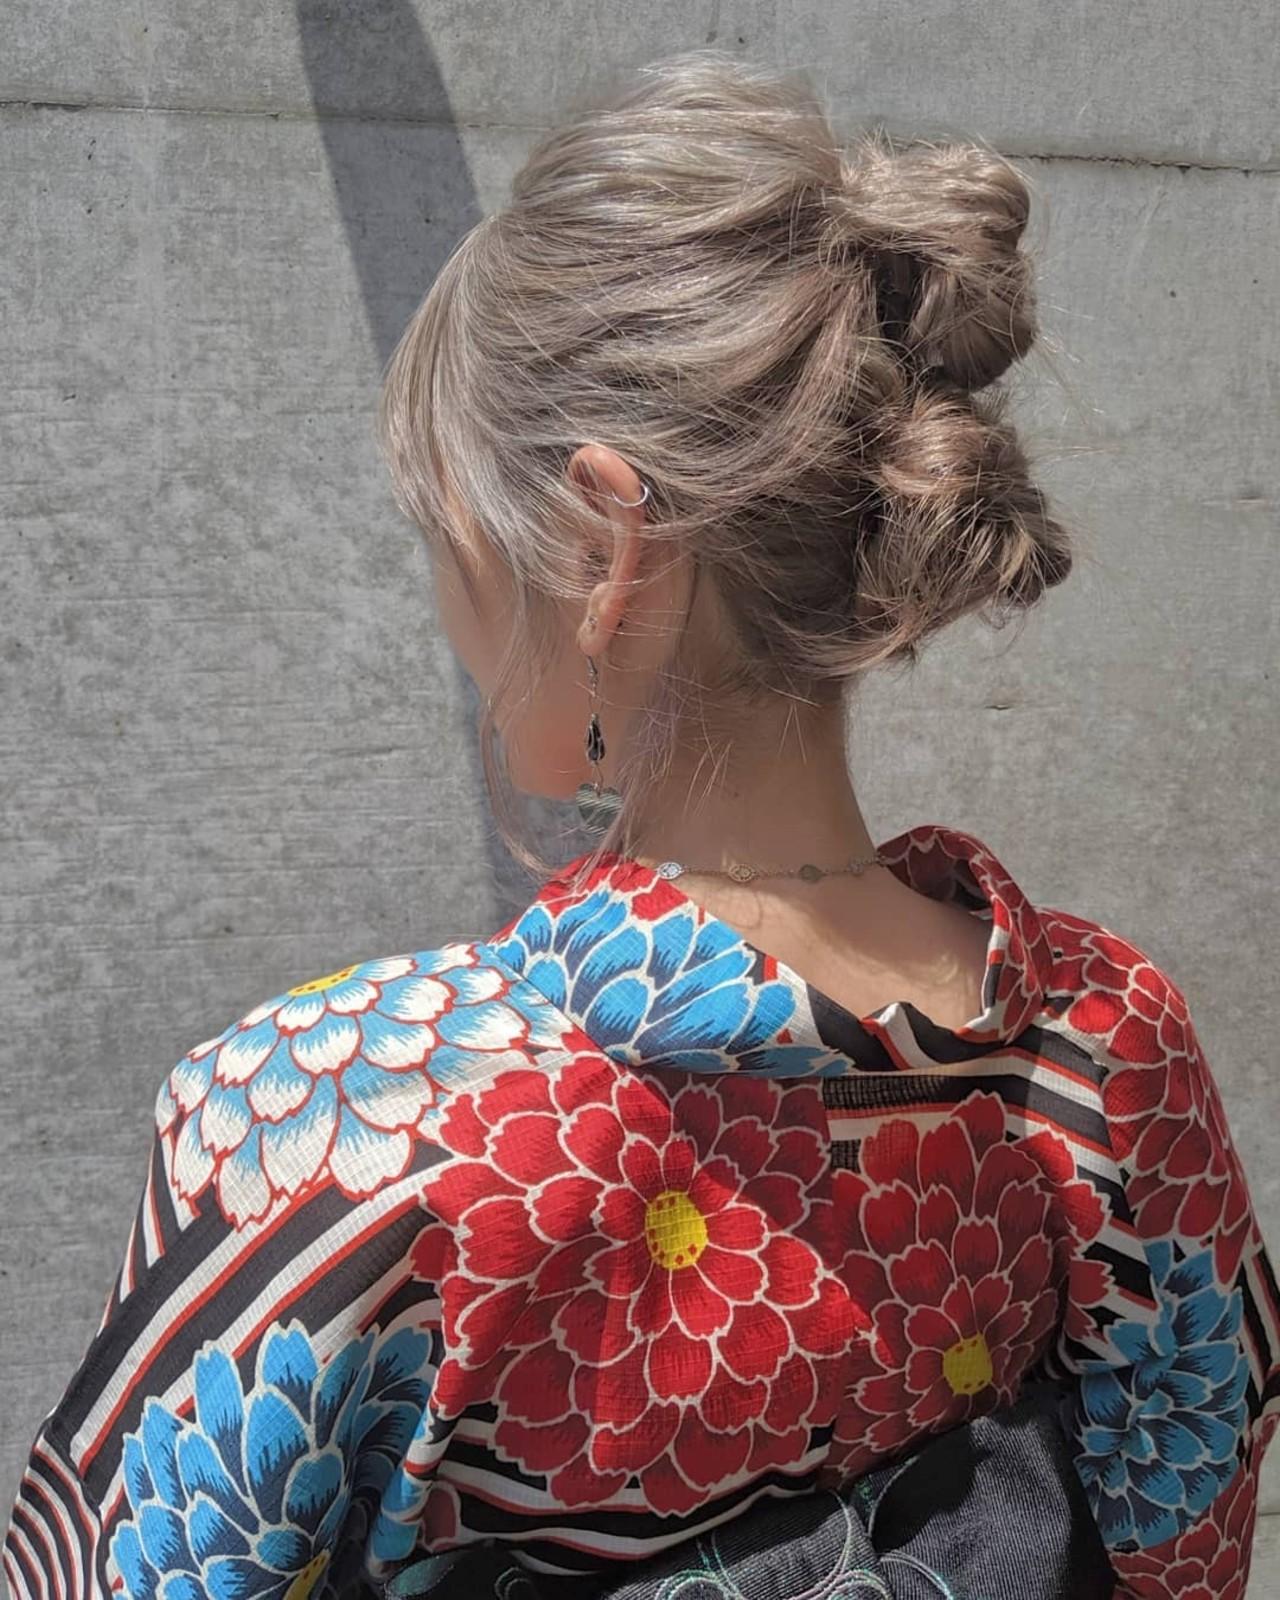 浴衣ヘア ヘアアレンジ ミディアム ツインお団子 ヘアスタイルや髪型の写真・画像